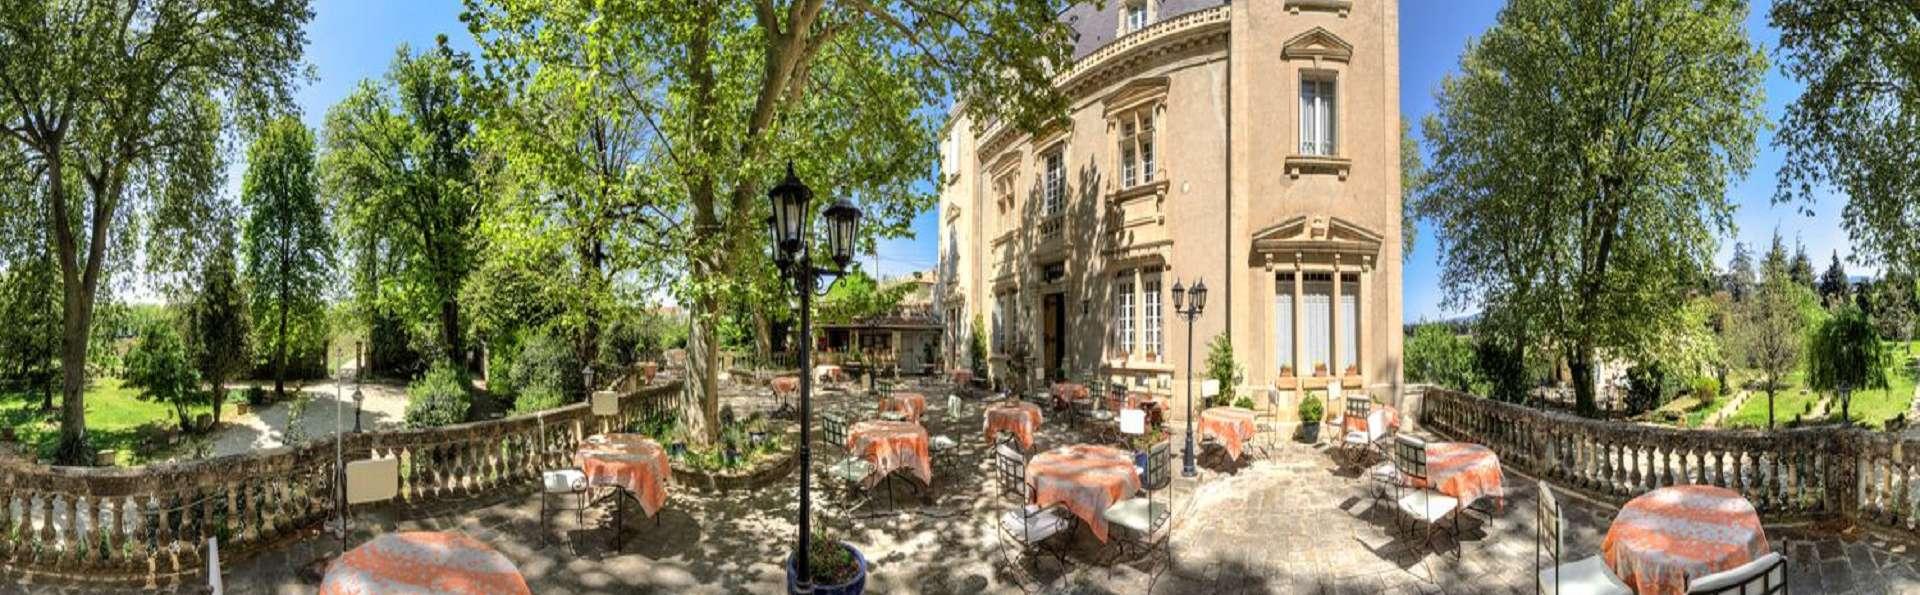 Château du Martinet - jpegordi.jpg